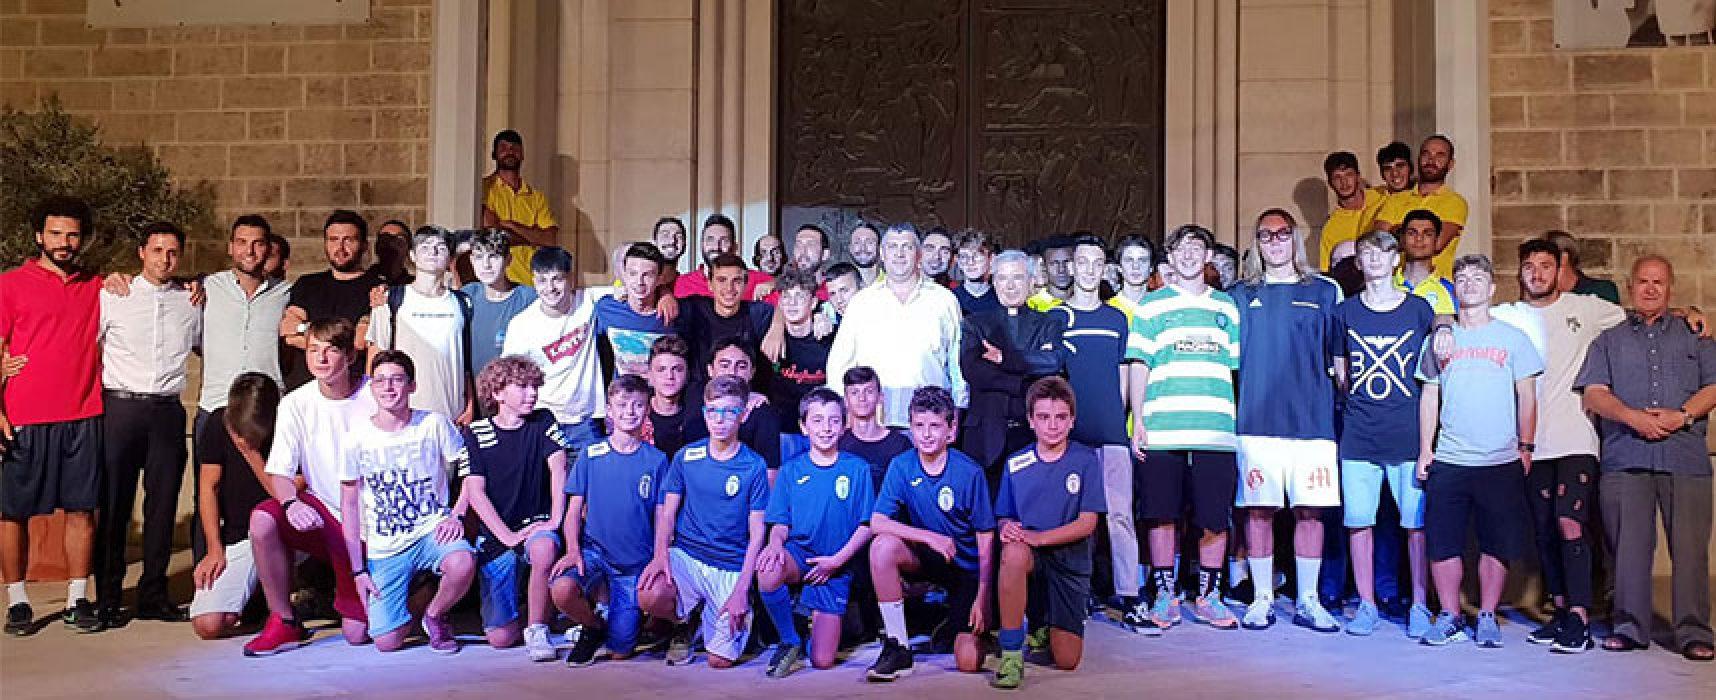 Don Uva Calcio: ieri la presentazione, campionato al via domenica 9 settembre